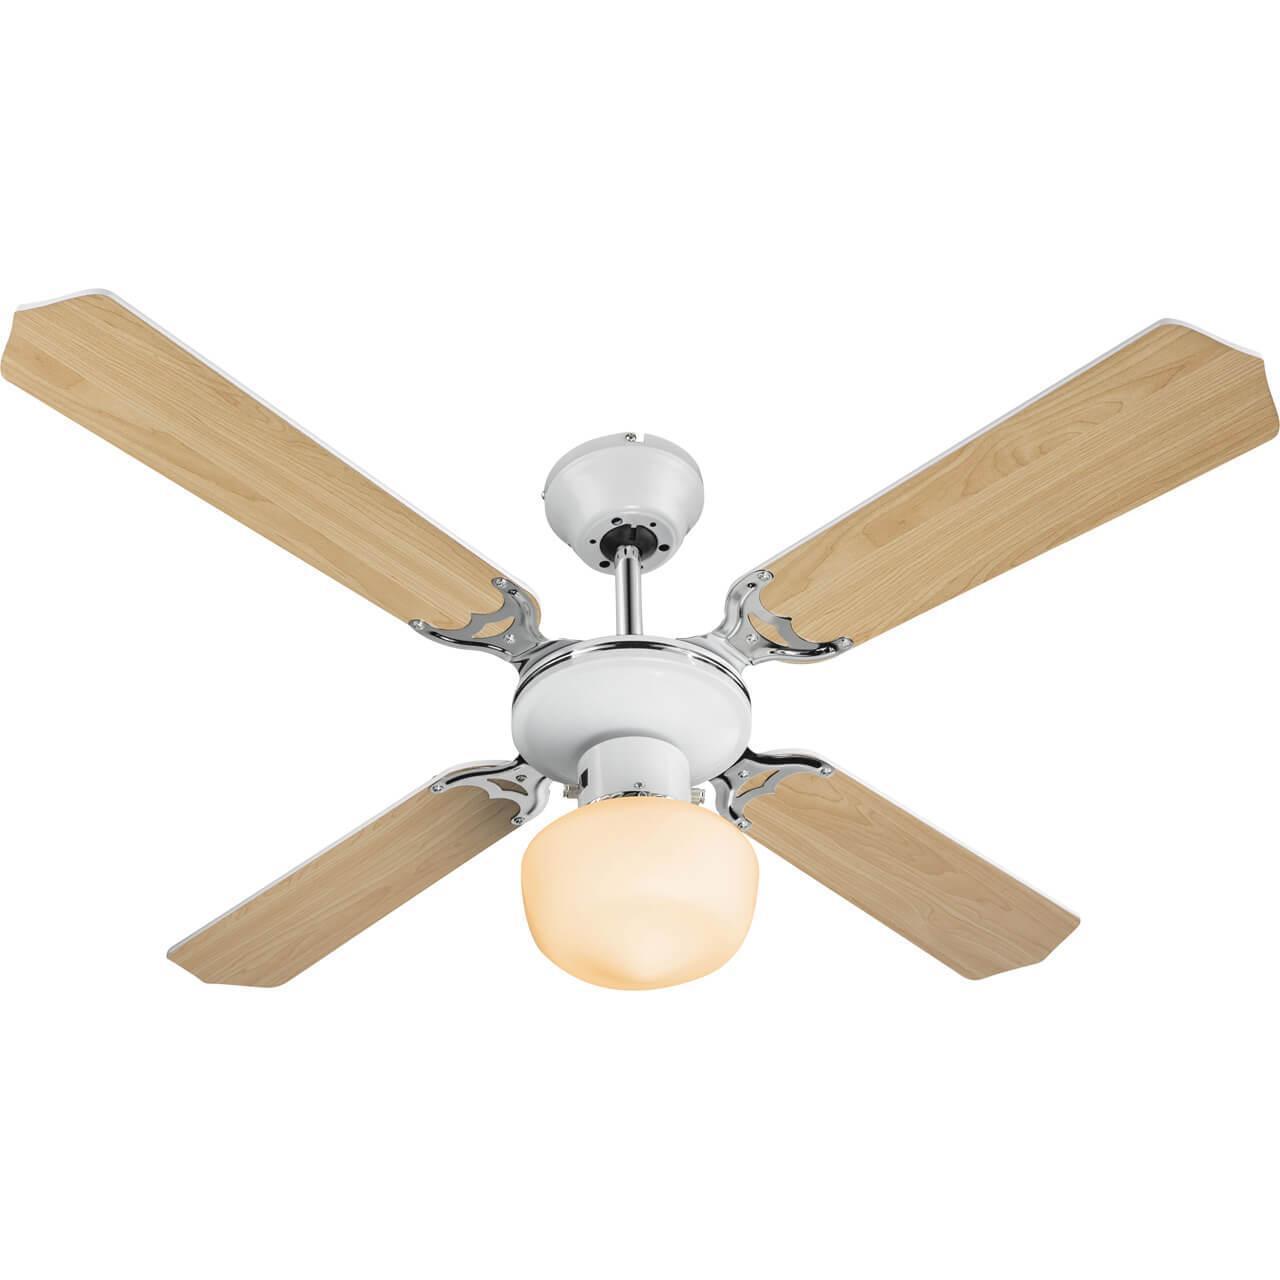 Потолочный светильник Globo 03300, E27, 60 Вт вентилятор люстра globo enigma 0329